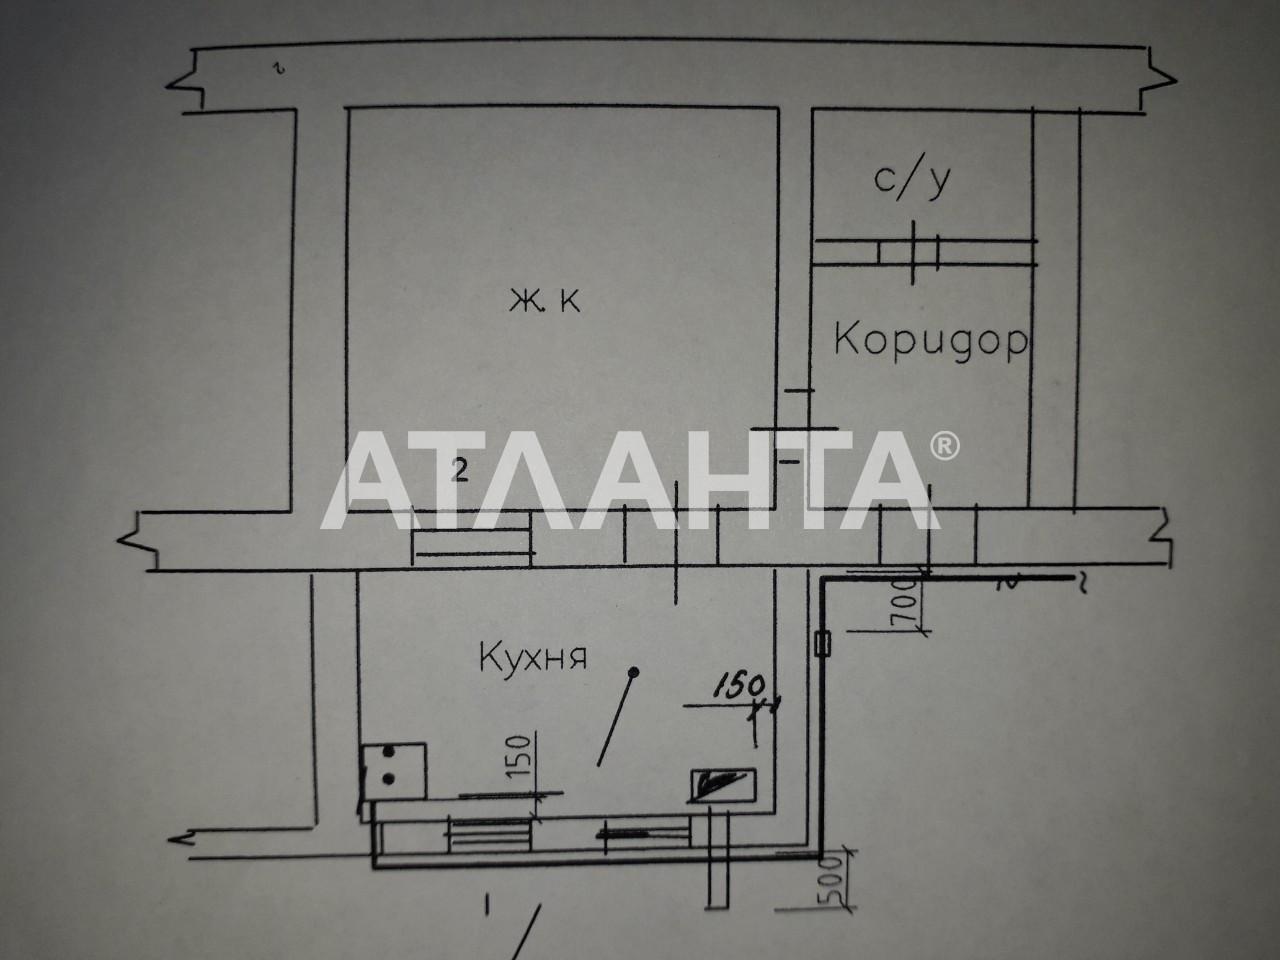 Продается 1-комнатная Квартира на ул. Гимназическая (Иностранной Коллегии) — 23 000 у.е. (фото №12)